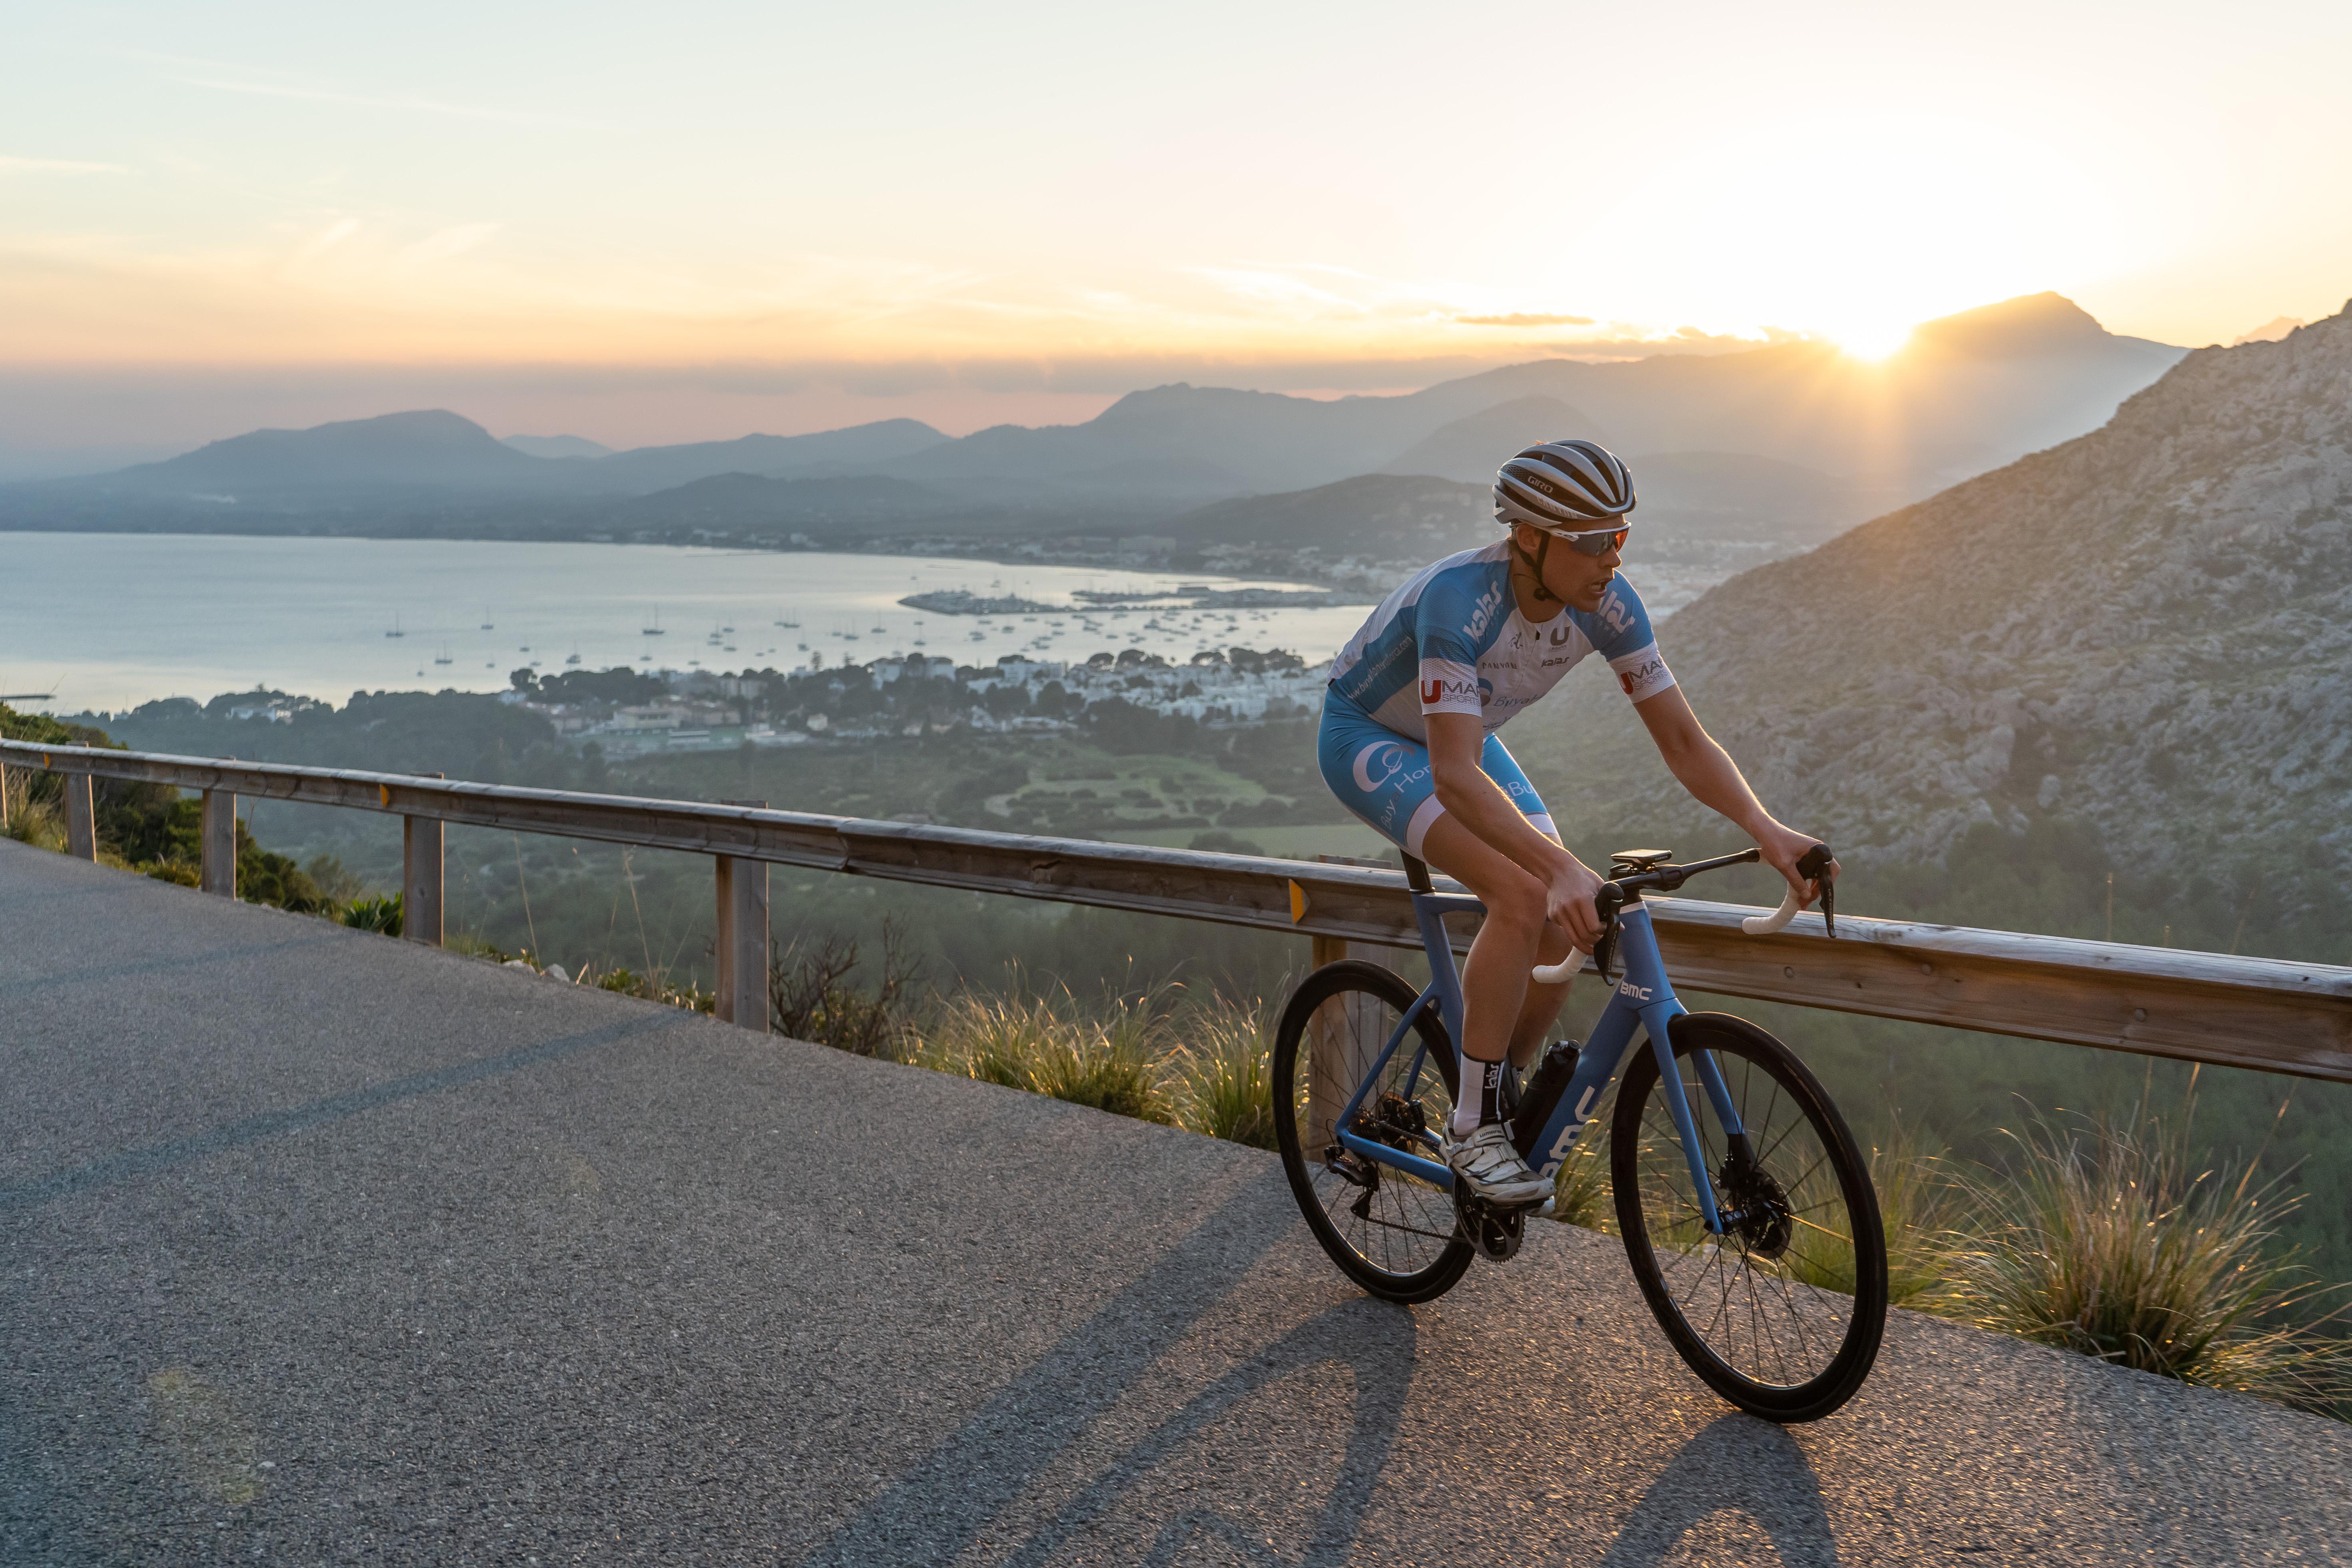 Nytt hem, ny verksamhet och nya cyklar – BMC Timemachine Road 01 Disc